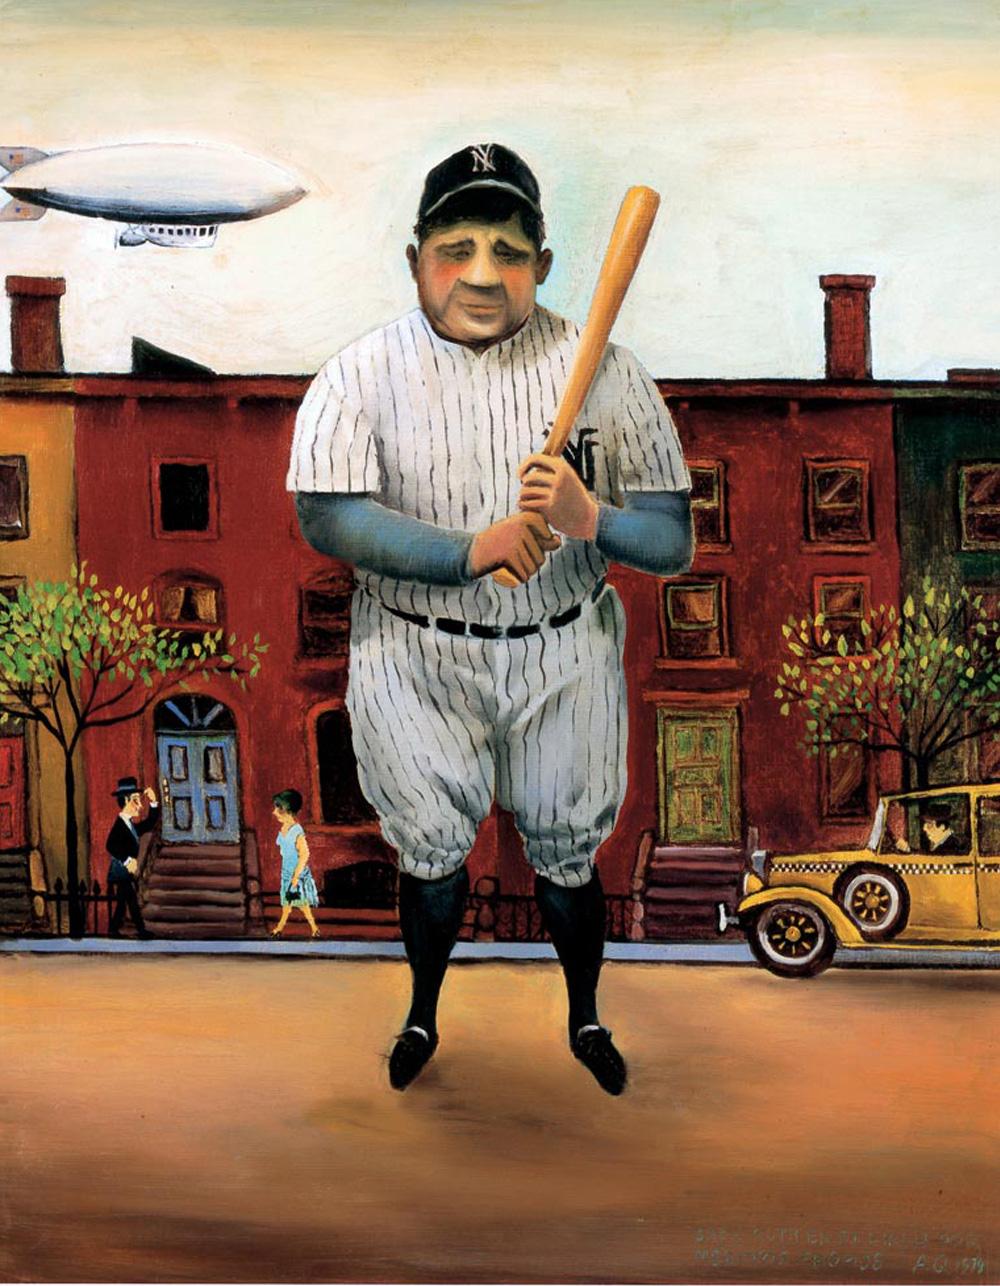 Mi Otra Gran Pasión: El Beisbol